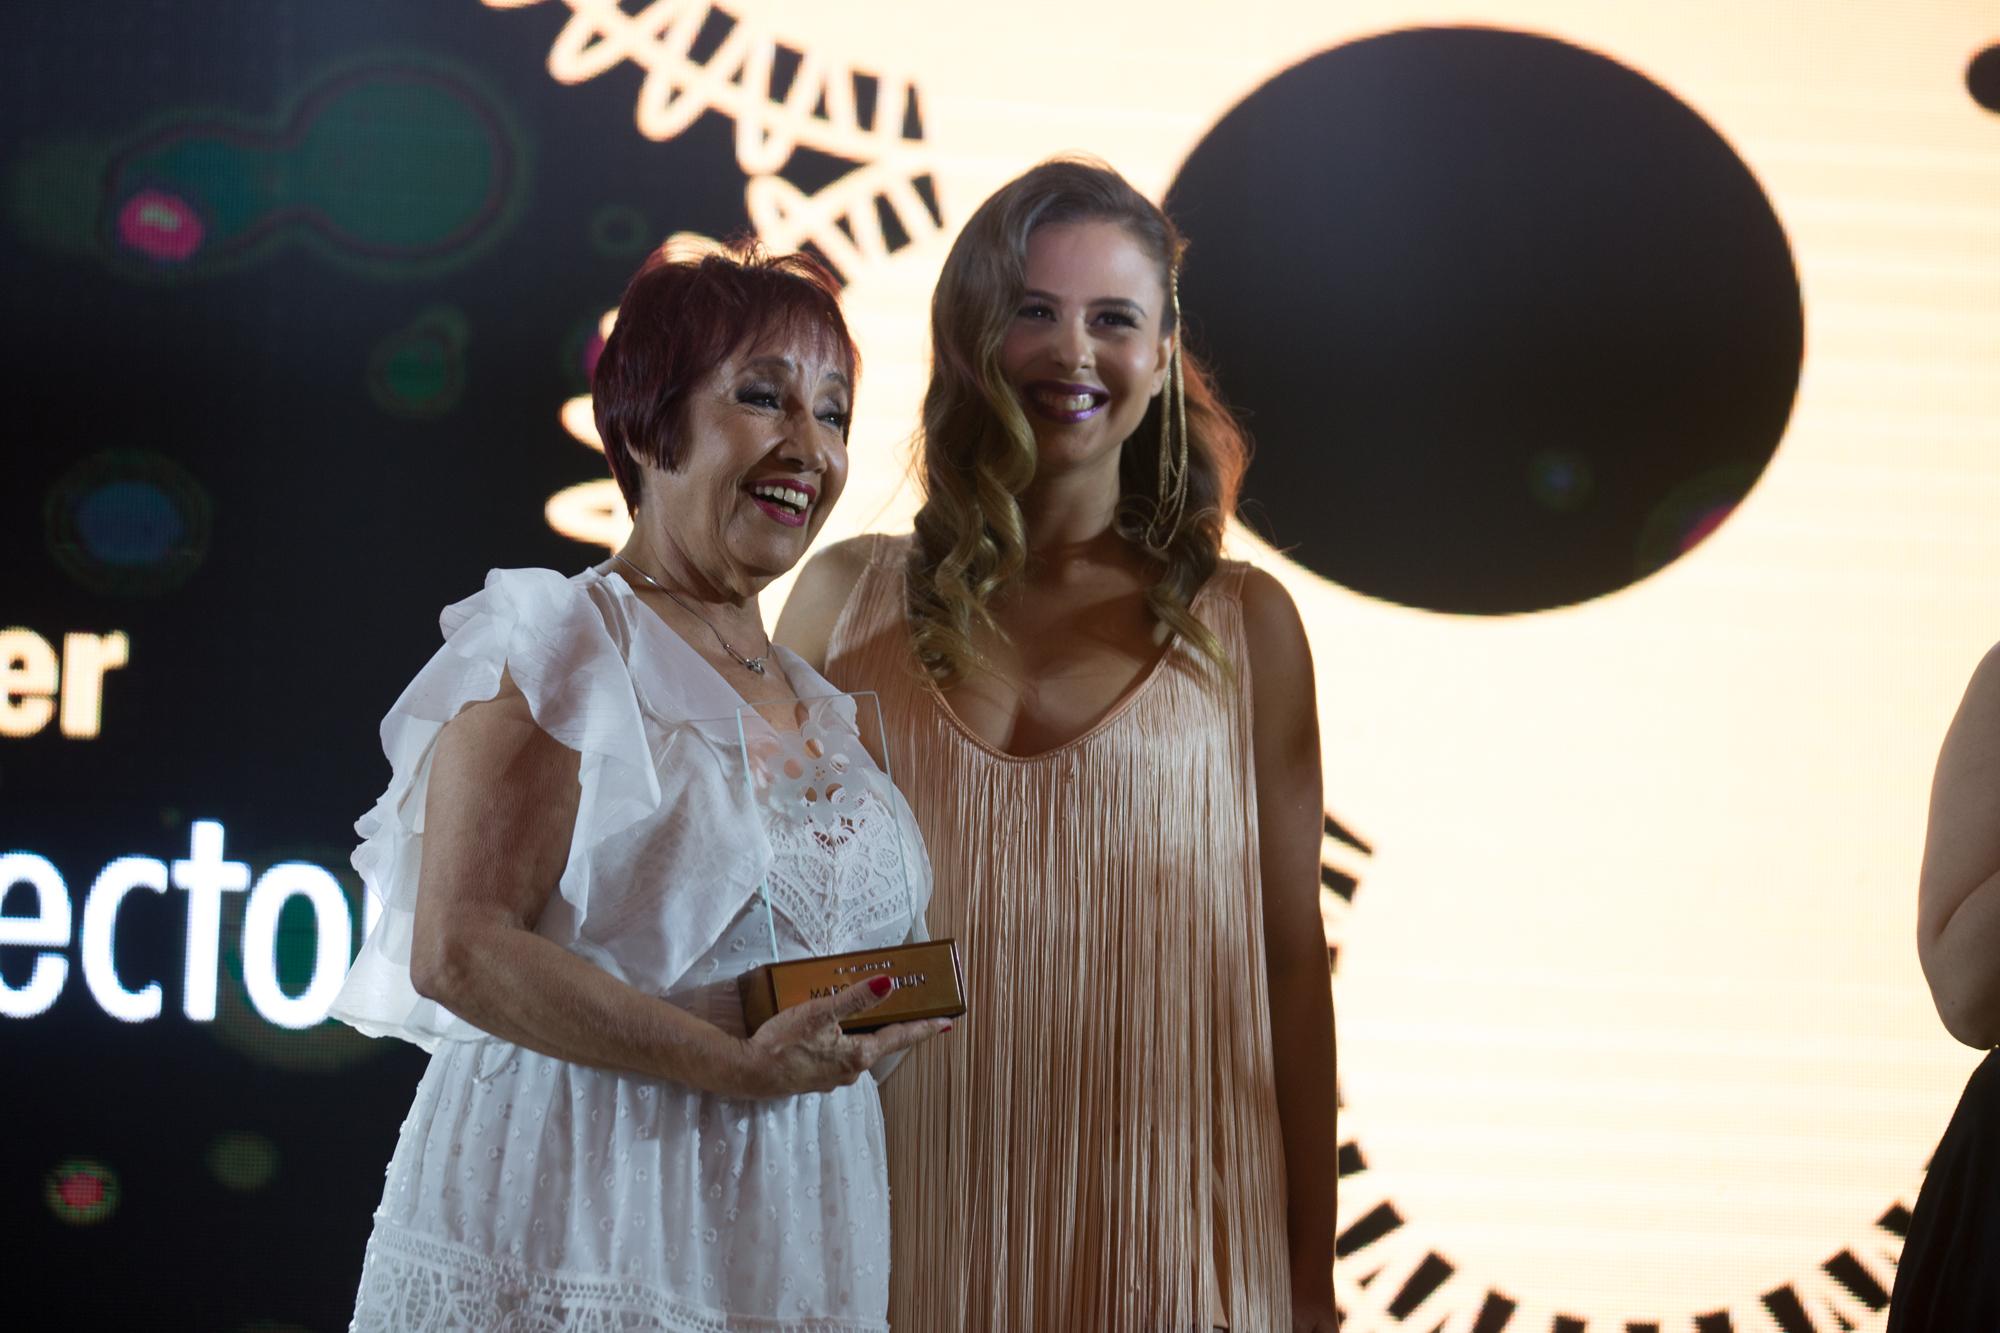 Margarita Irún acompañada de Andrea Quatrocchi quien fue su alumna desde los 5 años de edad.